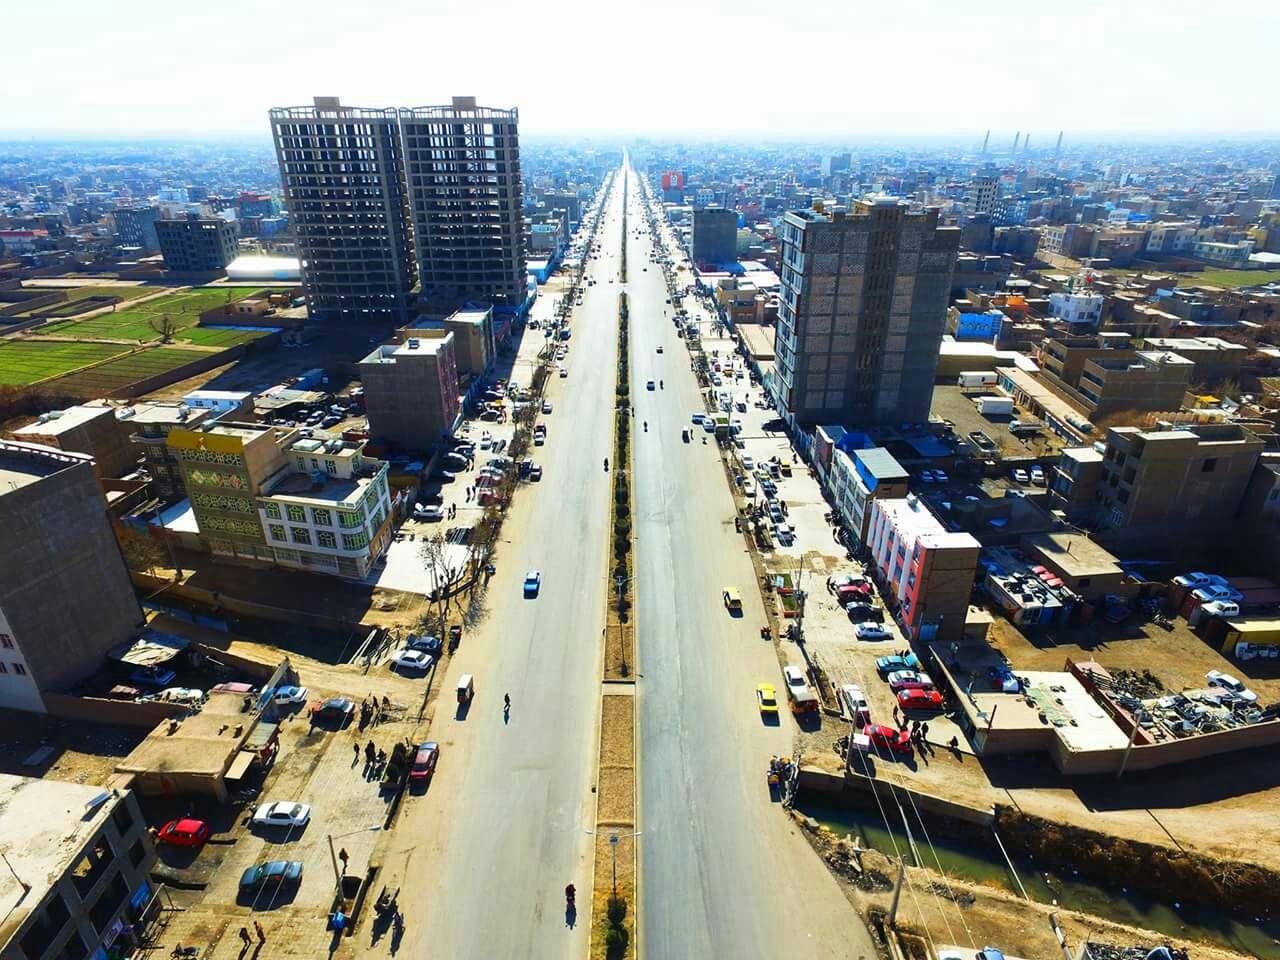 شهر هرات / عکس: رسانههای اجتماعی